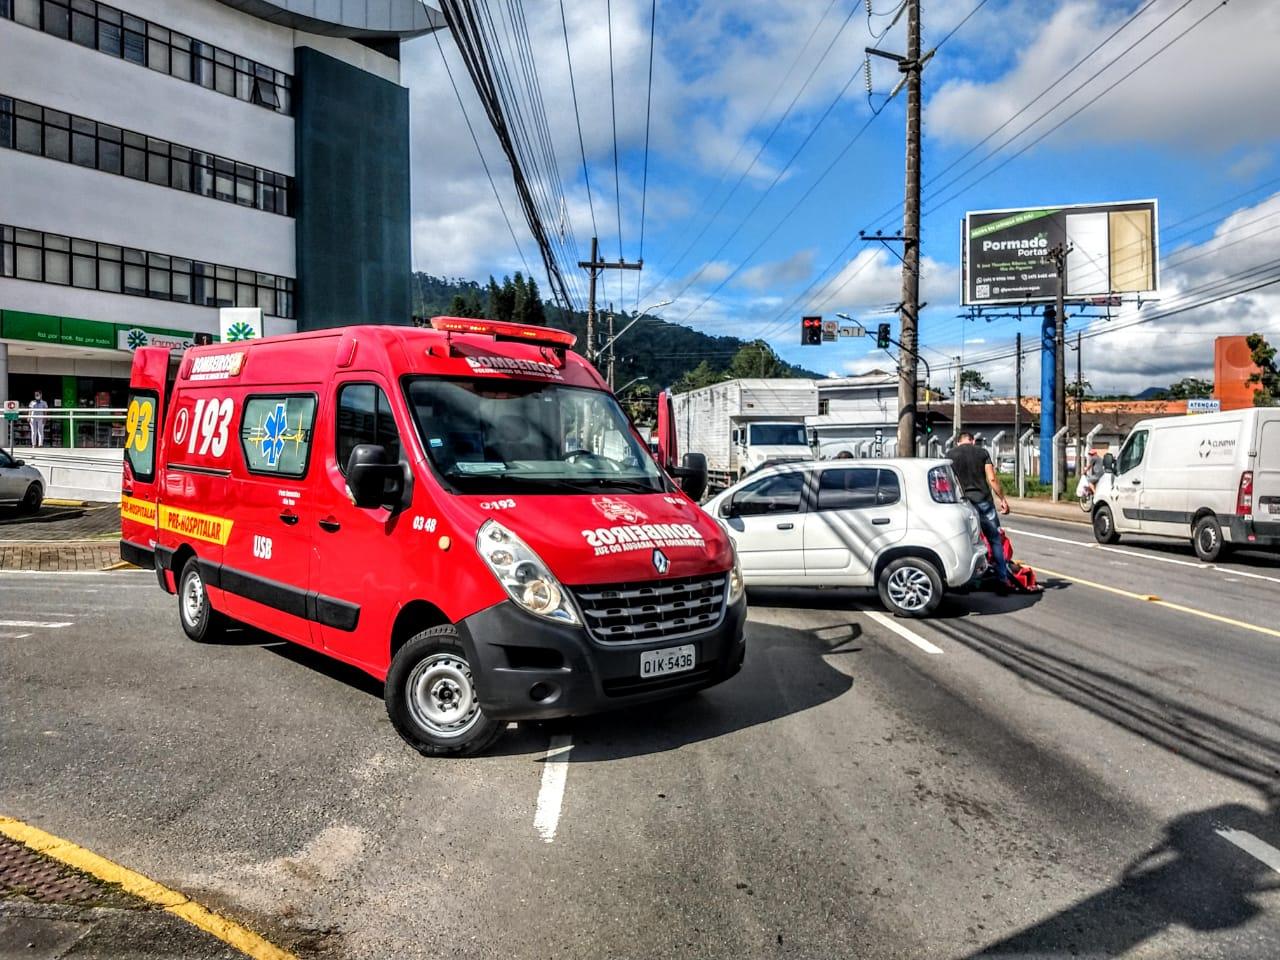 Acidente ocorreu na manhã desta sexta-feira (18) | Foto: Fábio Junkes/OCP News